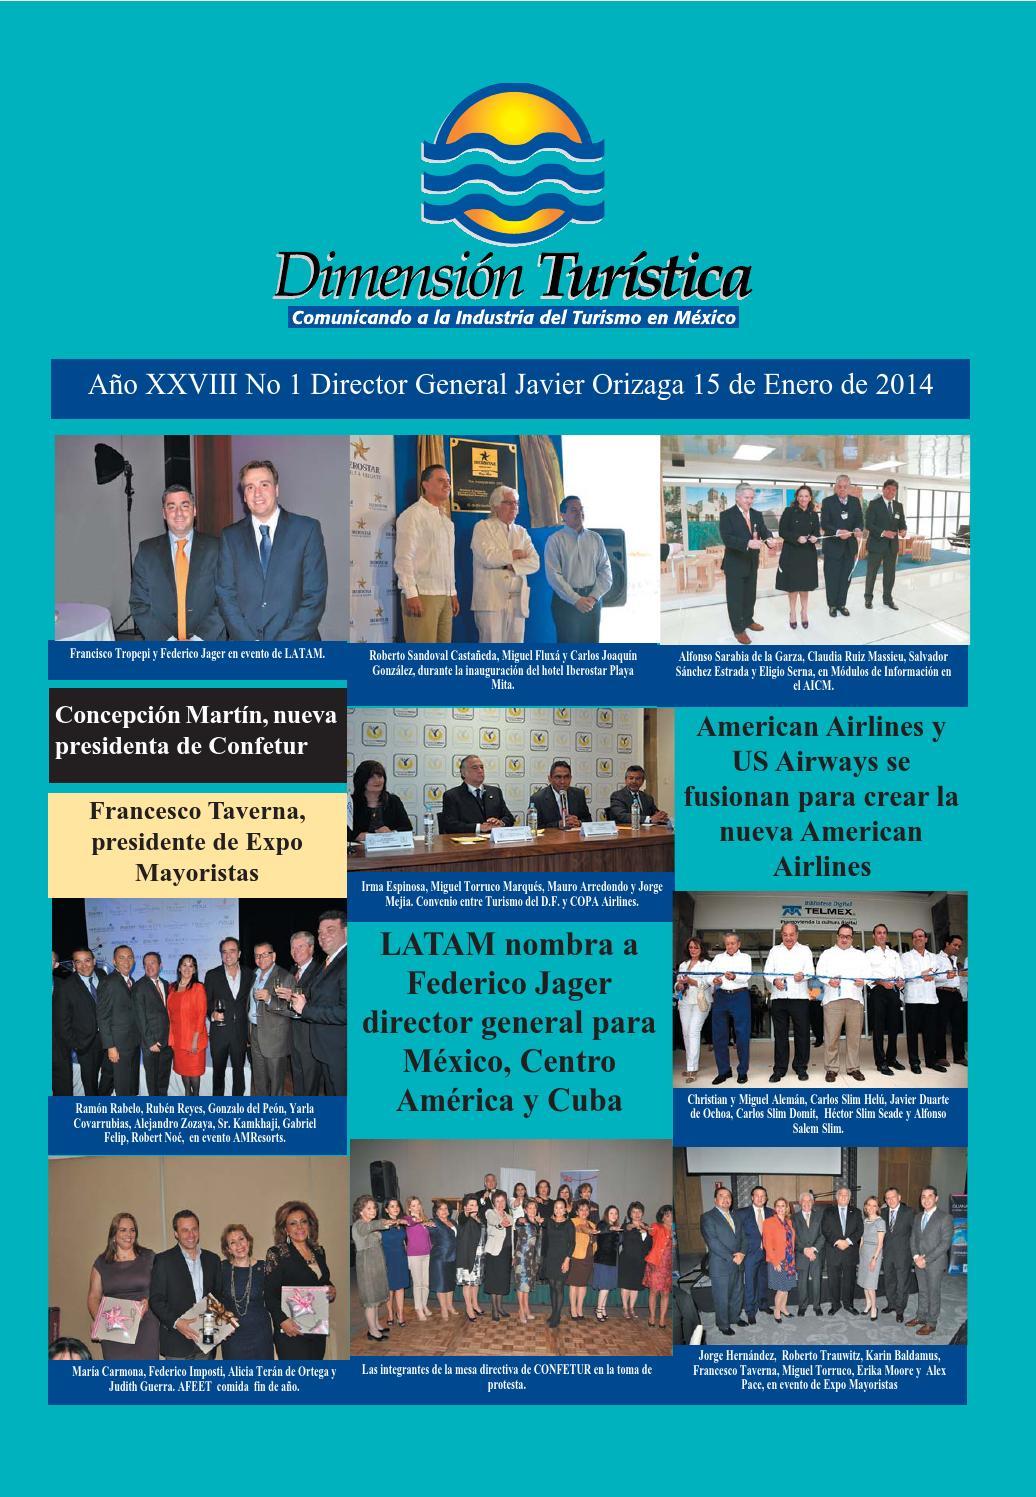 Revista Dimension Turistica Enero 2014 by Orizaga dturistica - issuu